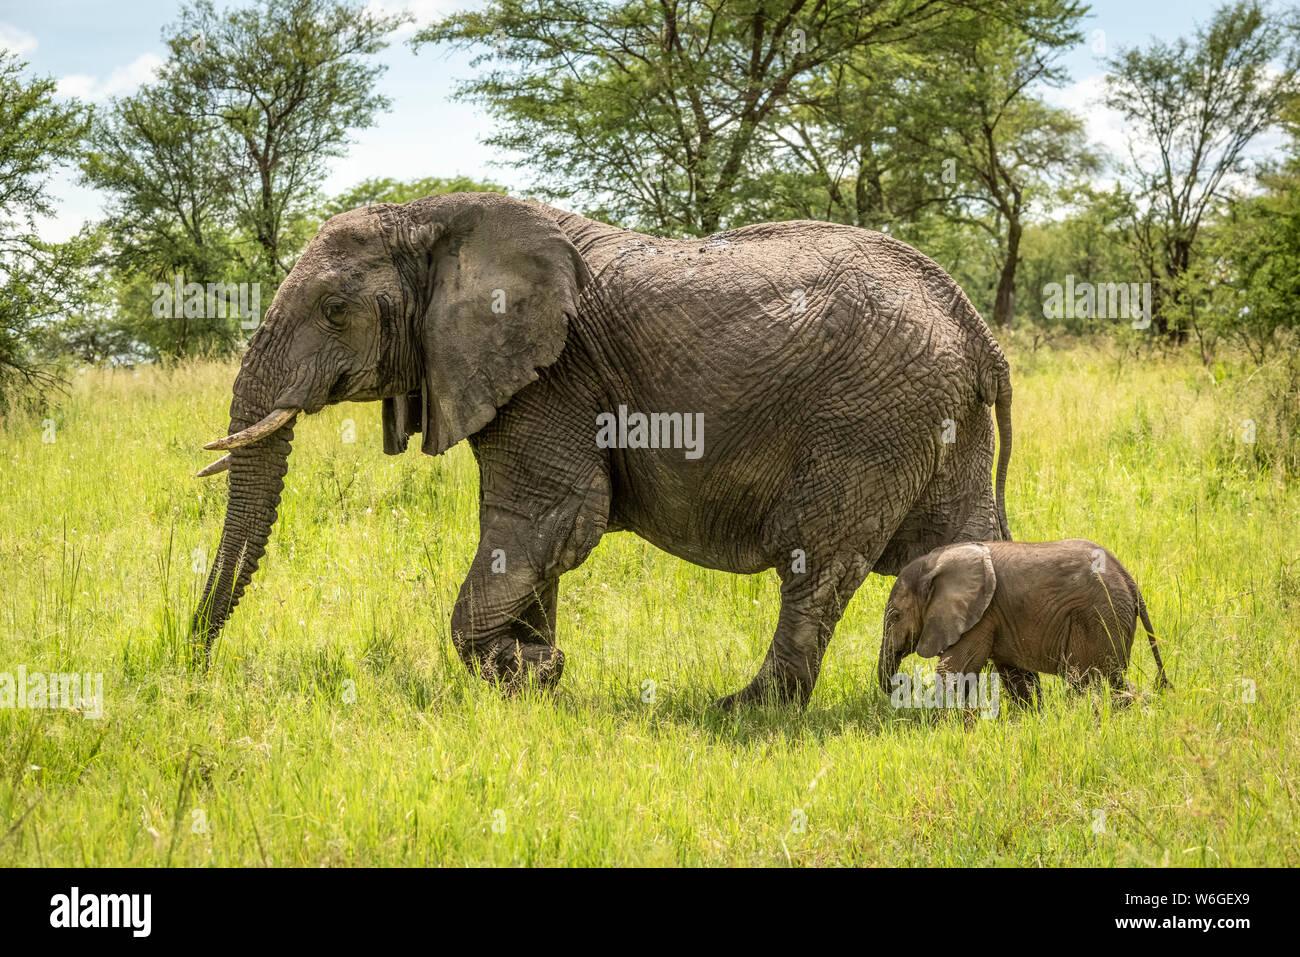 L'éléphant d'Afrique (Loxodonta africana) et le veau marchent à travers le défrichement, parc national du Serengeti; Tanzanie Banque D'Images